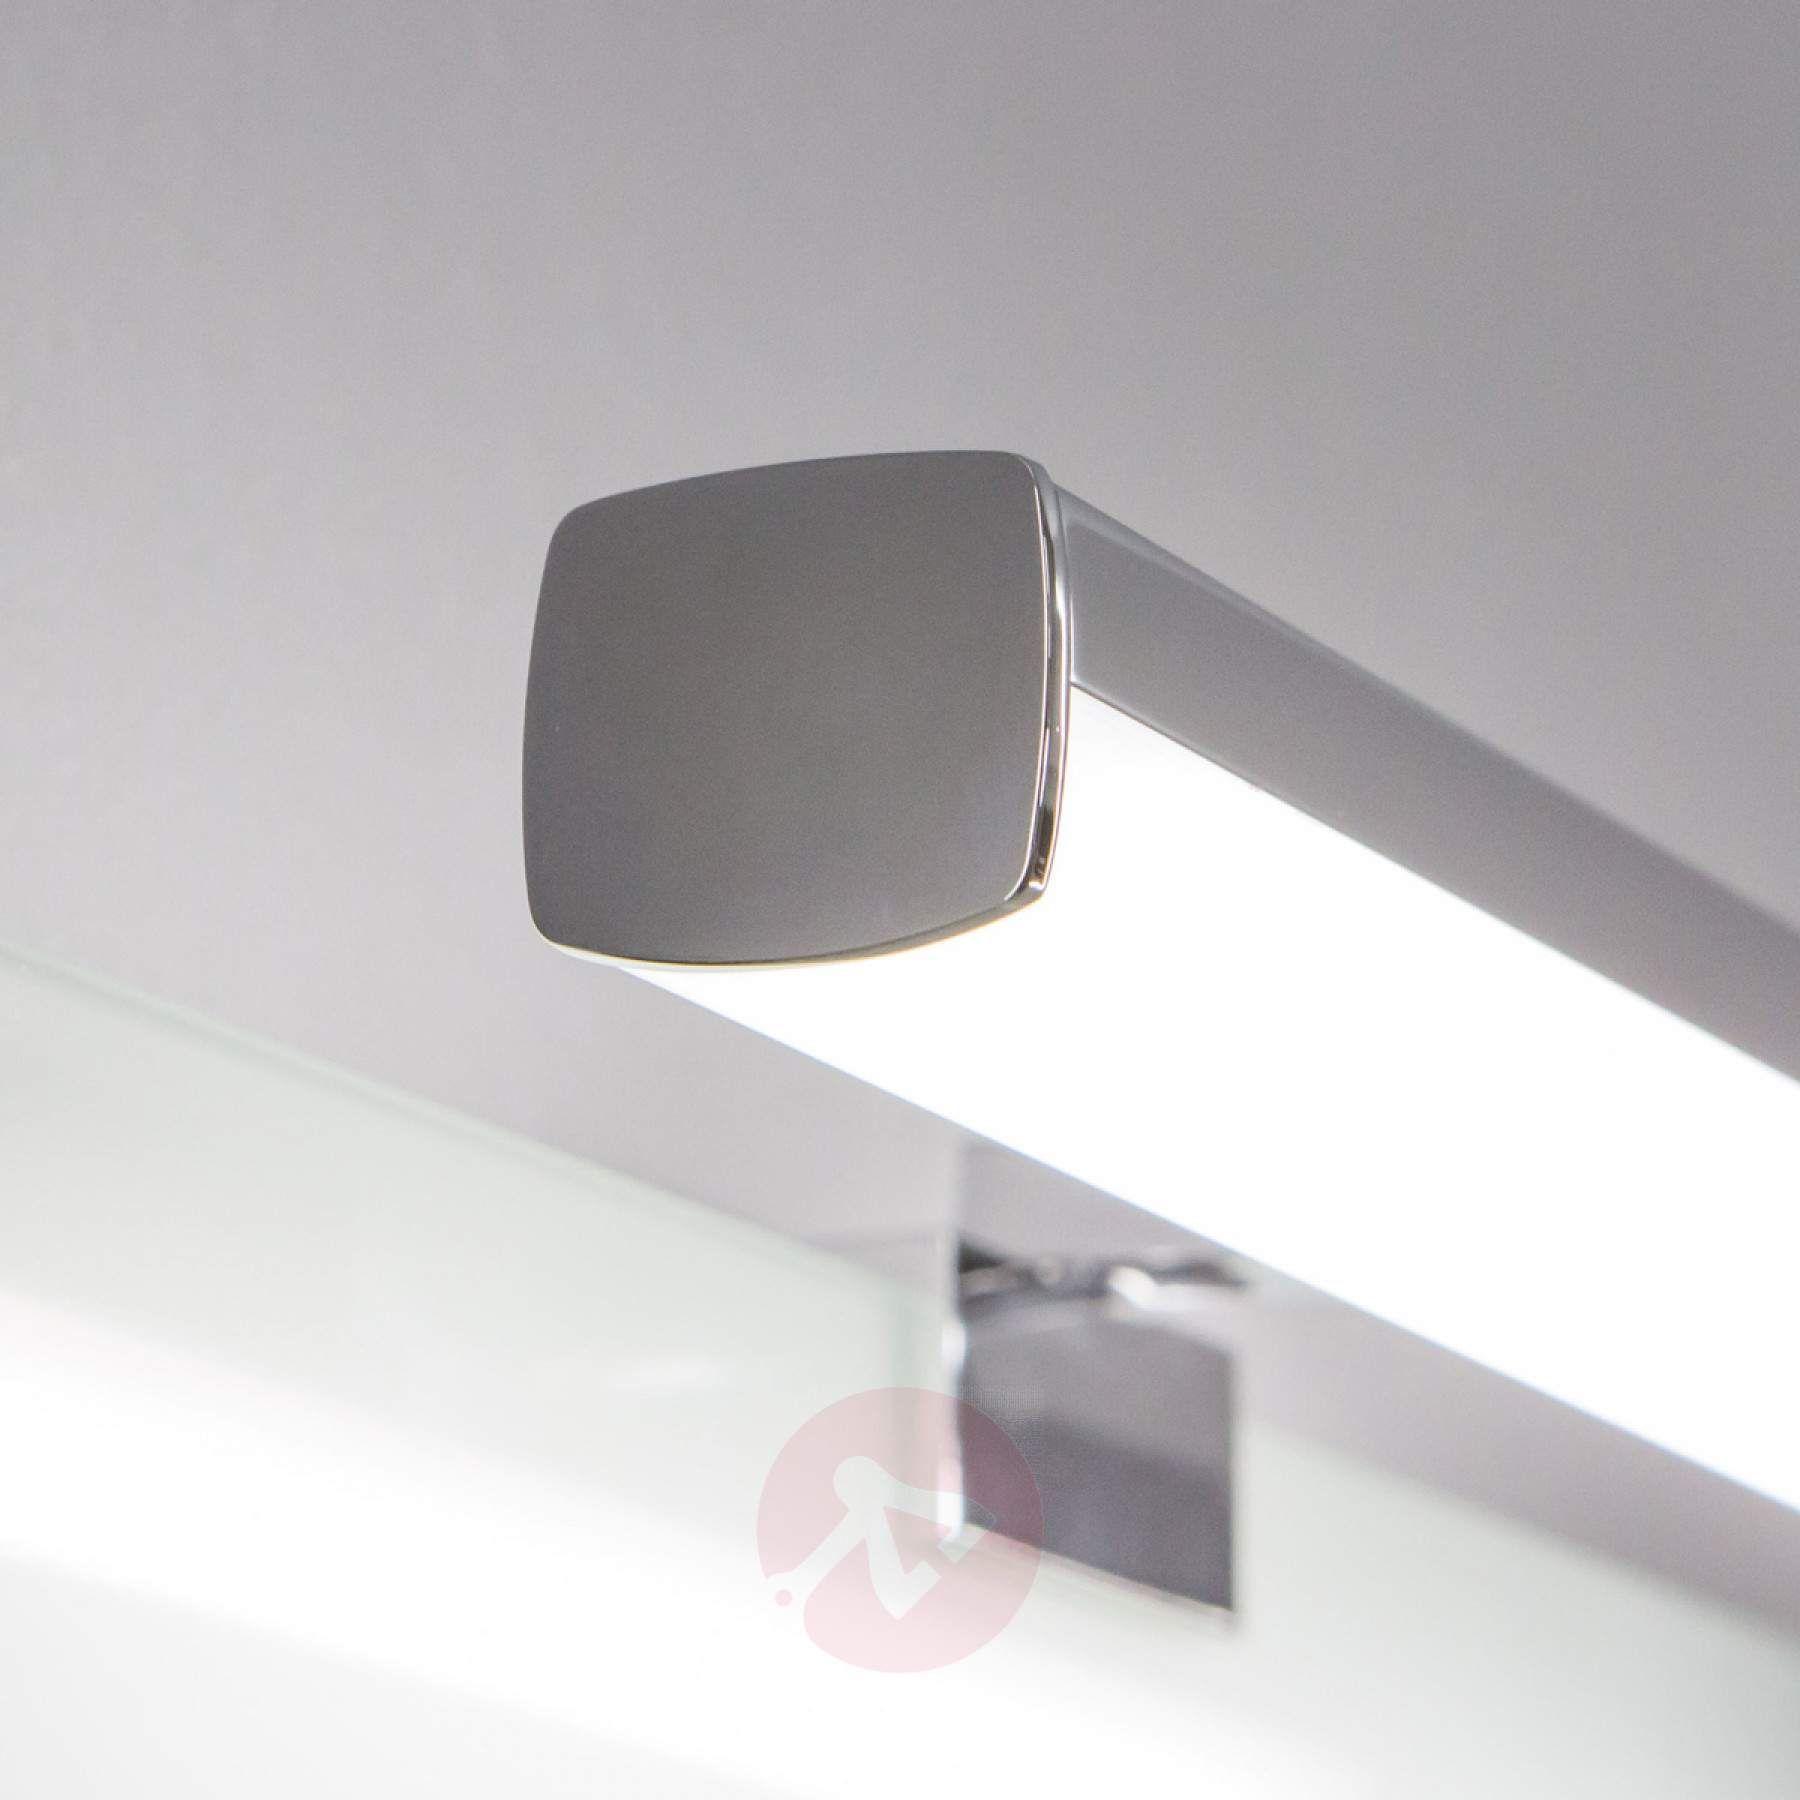 Lampe Für Spiegel Zum Klemmen | Klemme Lampe Martinelli Luce ...